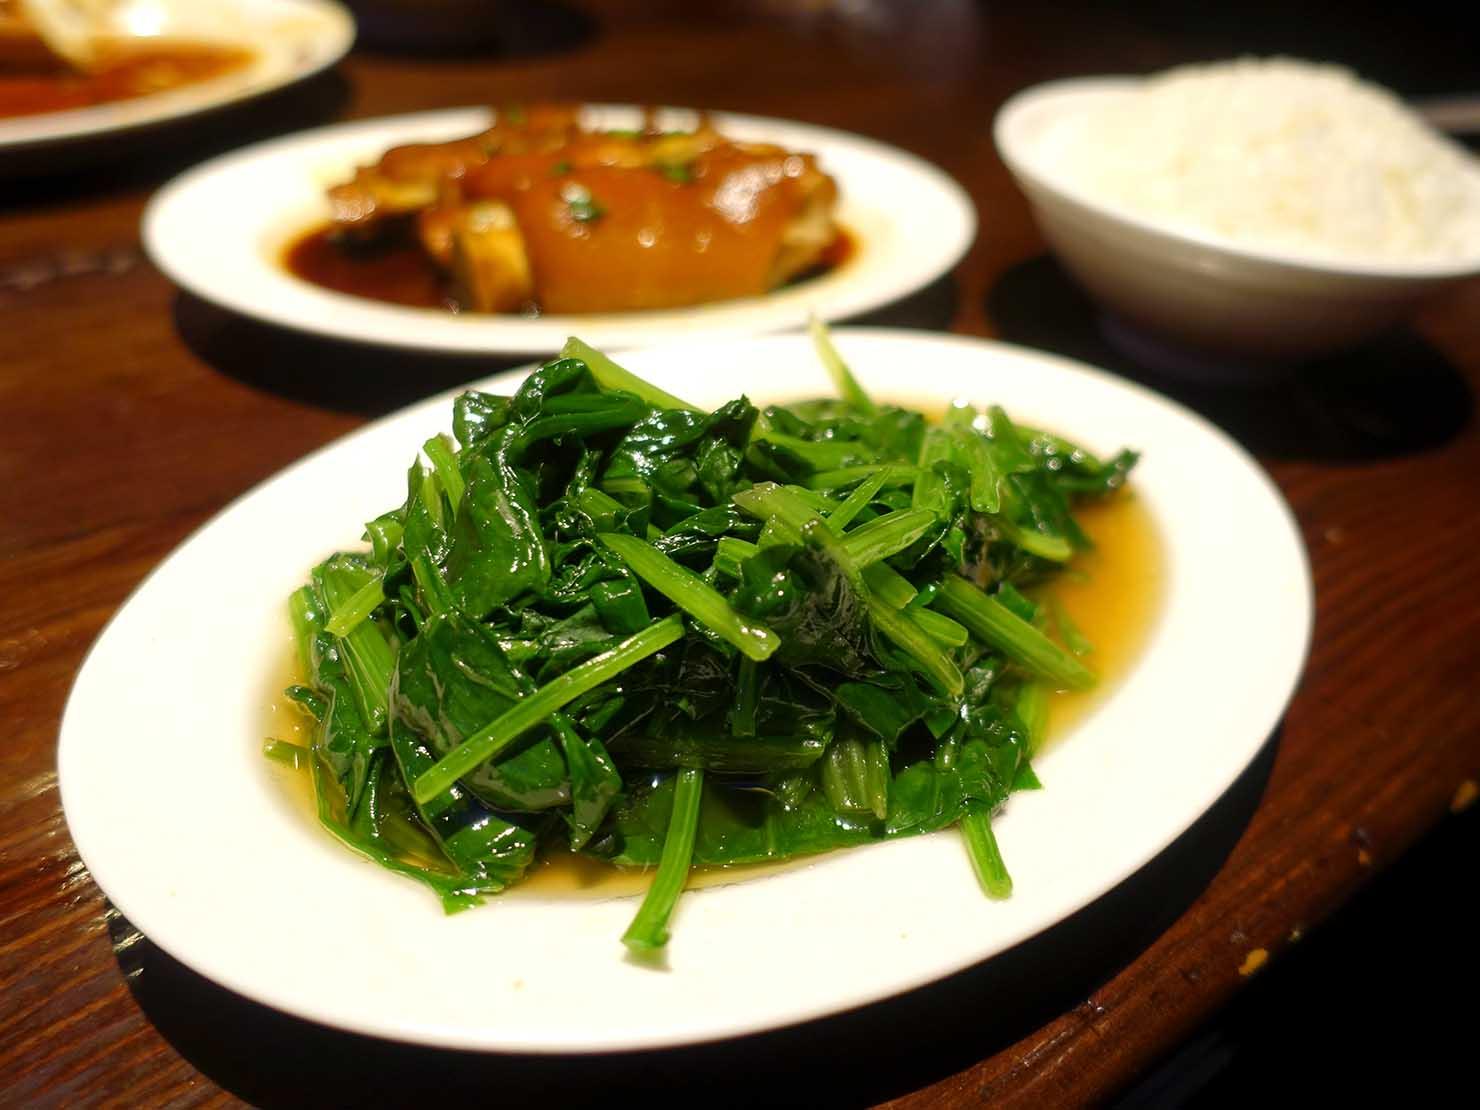 台北・松江南京駅(四平街商圈)周辺のおすすめグルメ店「富霸王豬腳」の燙青菜